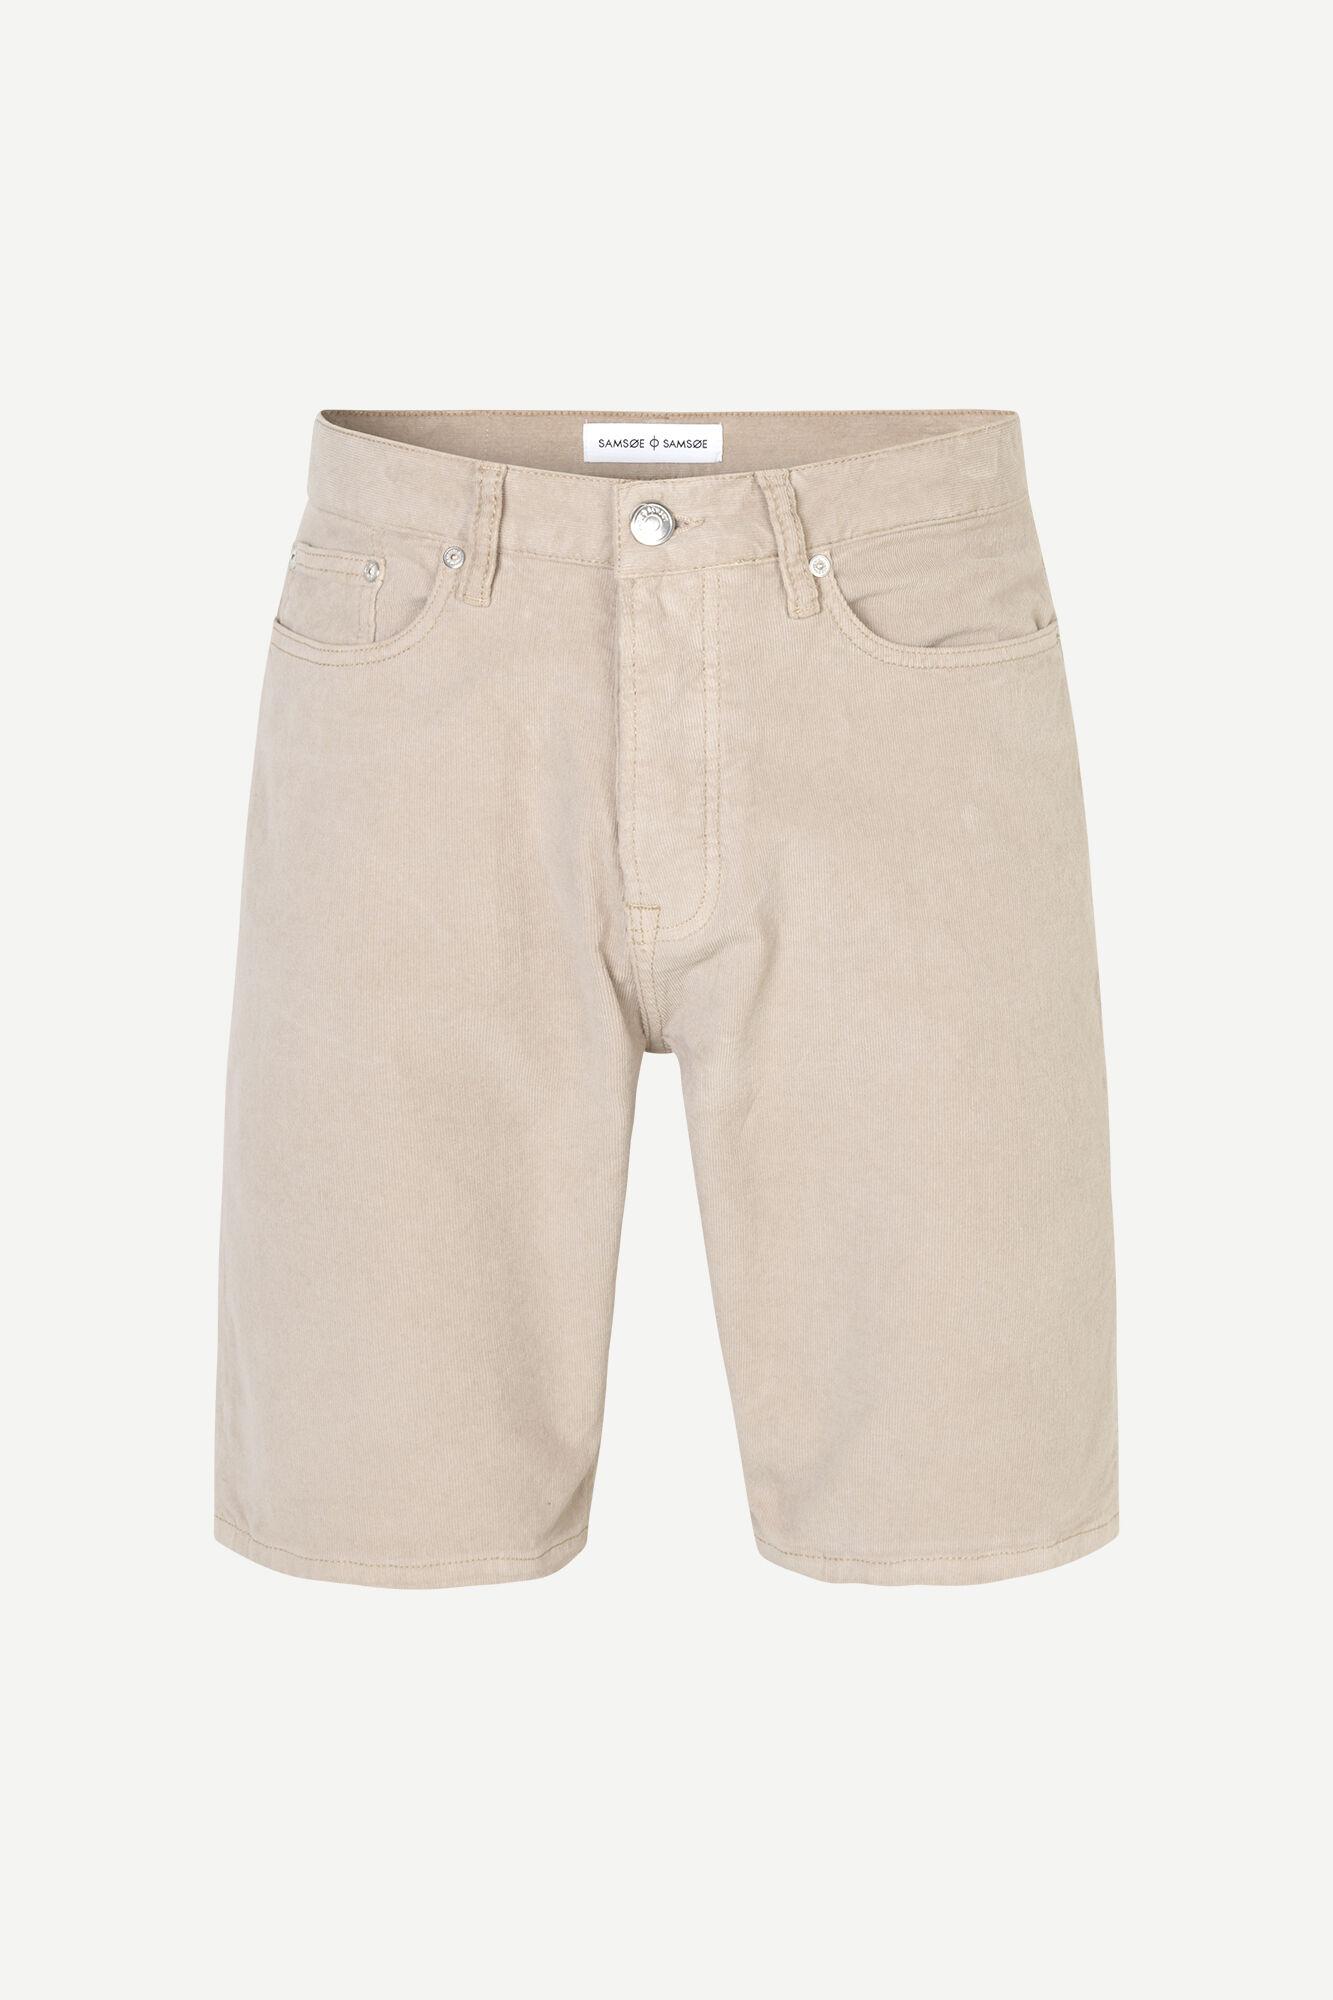 Tony shorts 11521